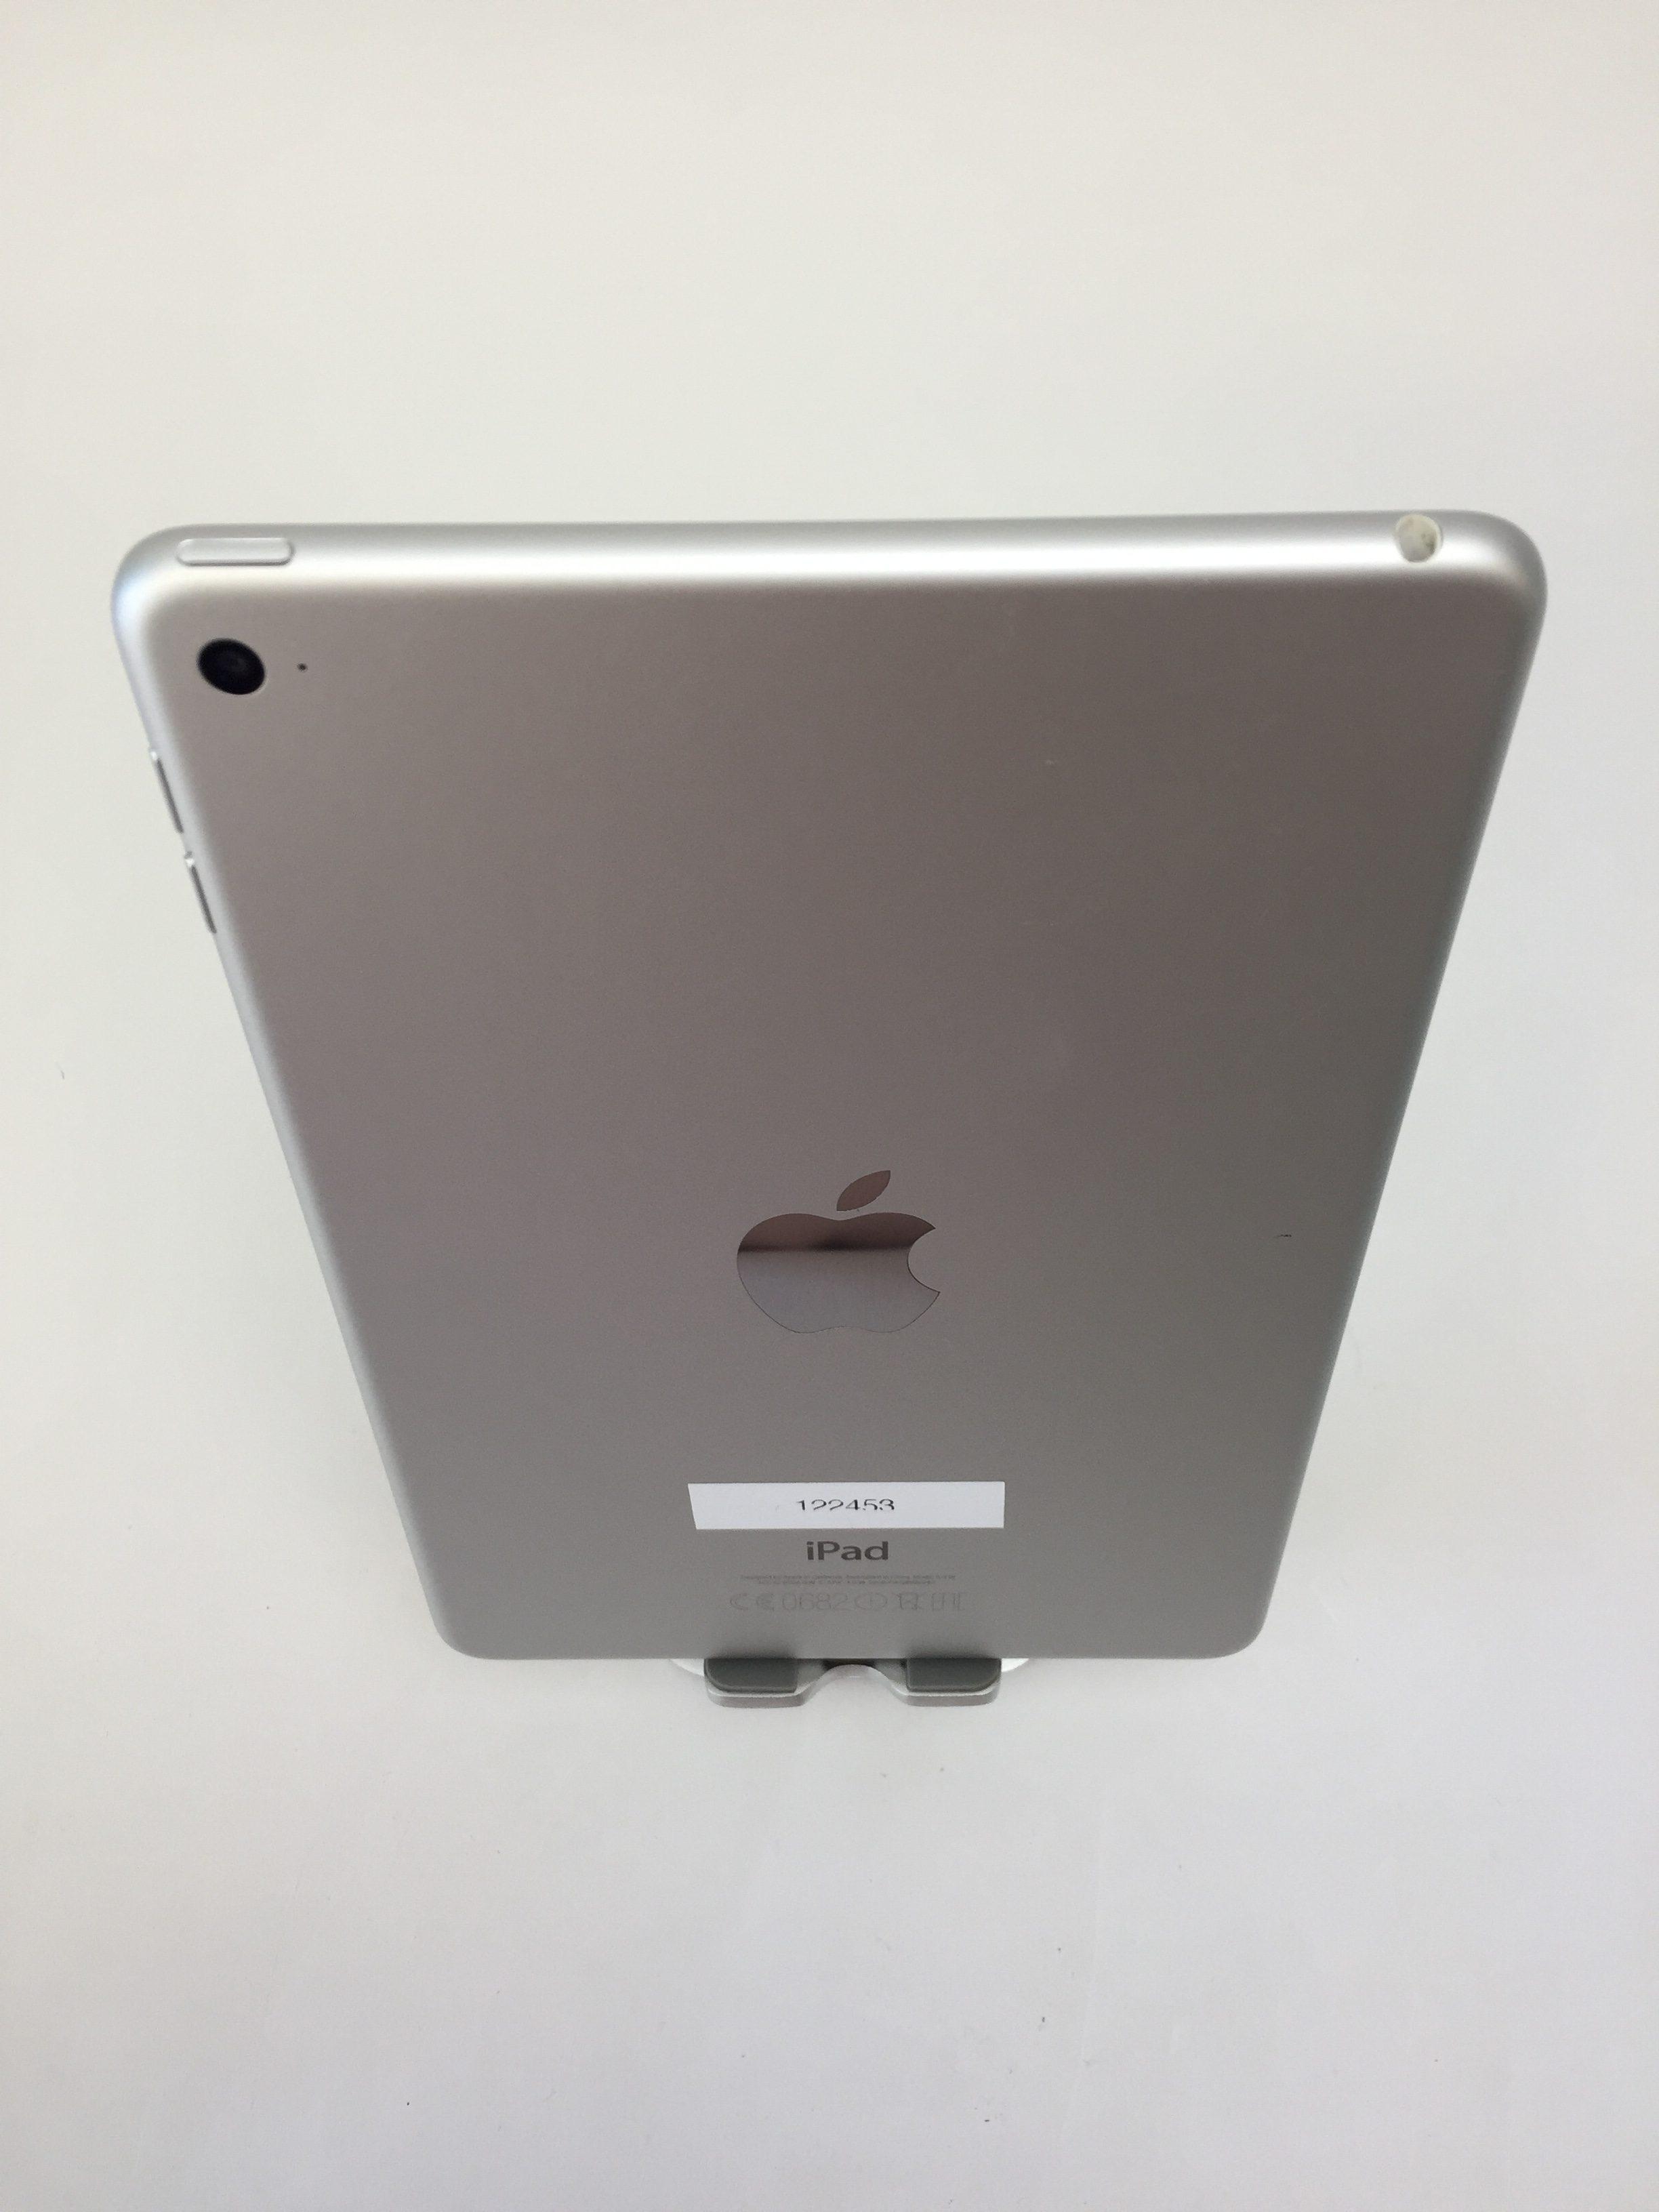 iPad mini 4 Wi-Fi 16GB, 16 GB, Silver, image 5